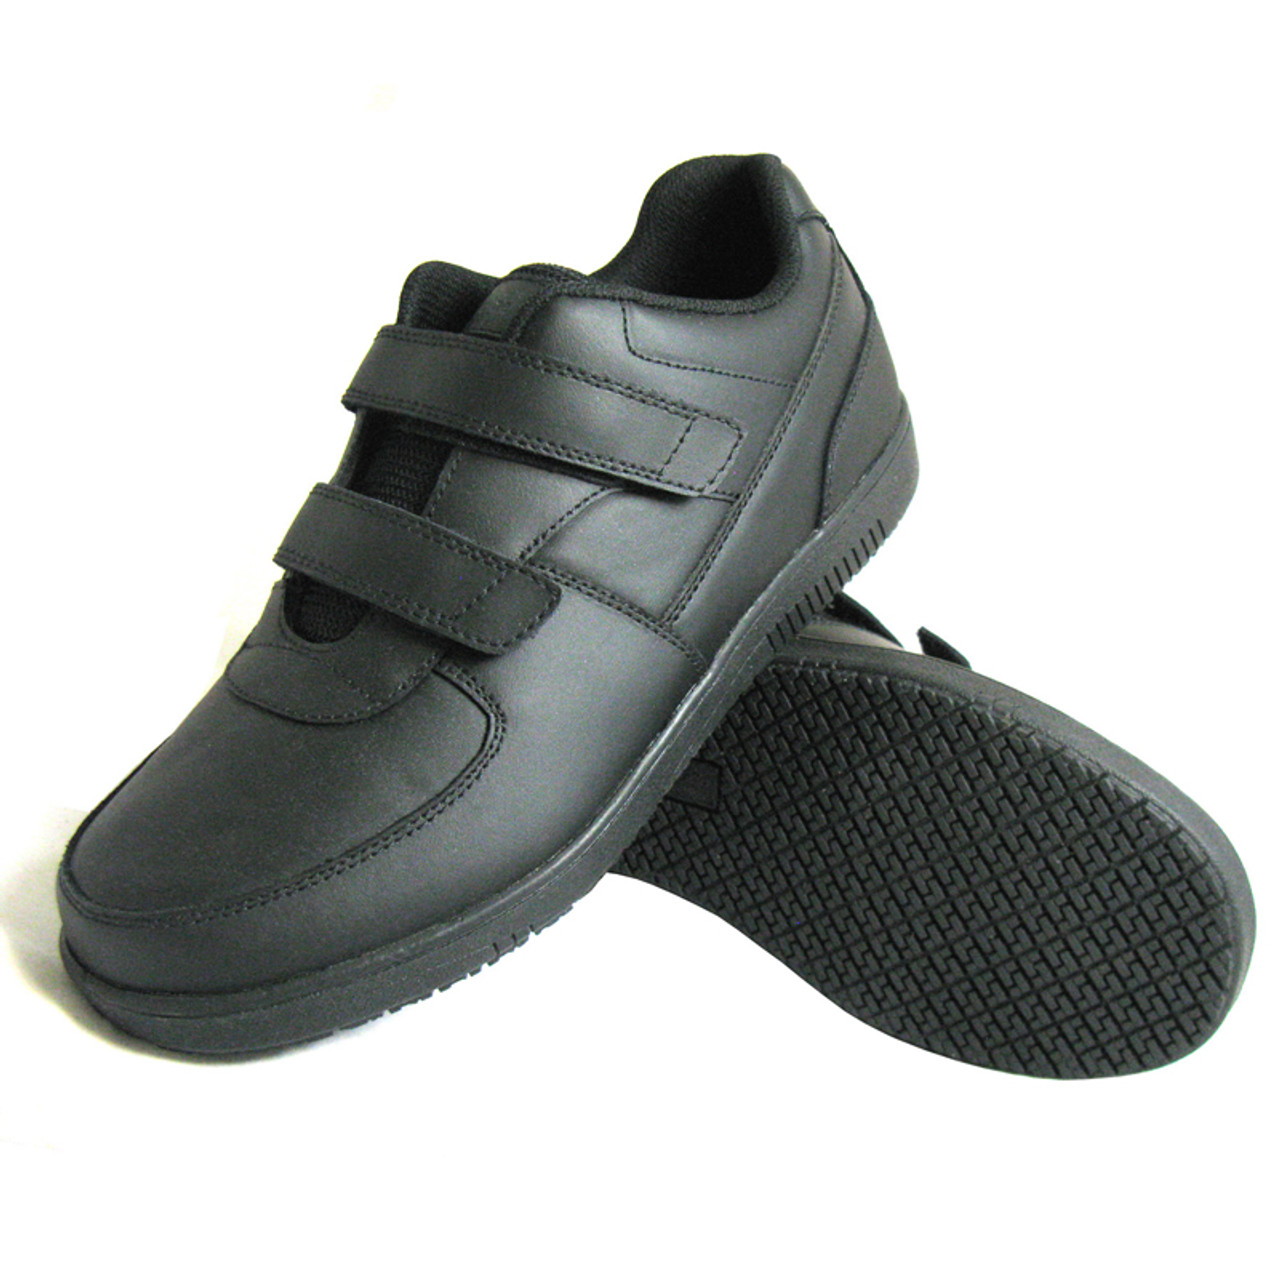 Slip-Resistant Hook and Loop Work Shoes